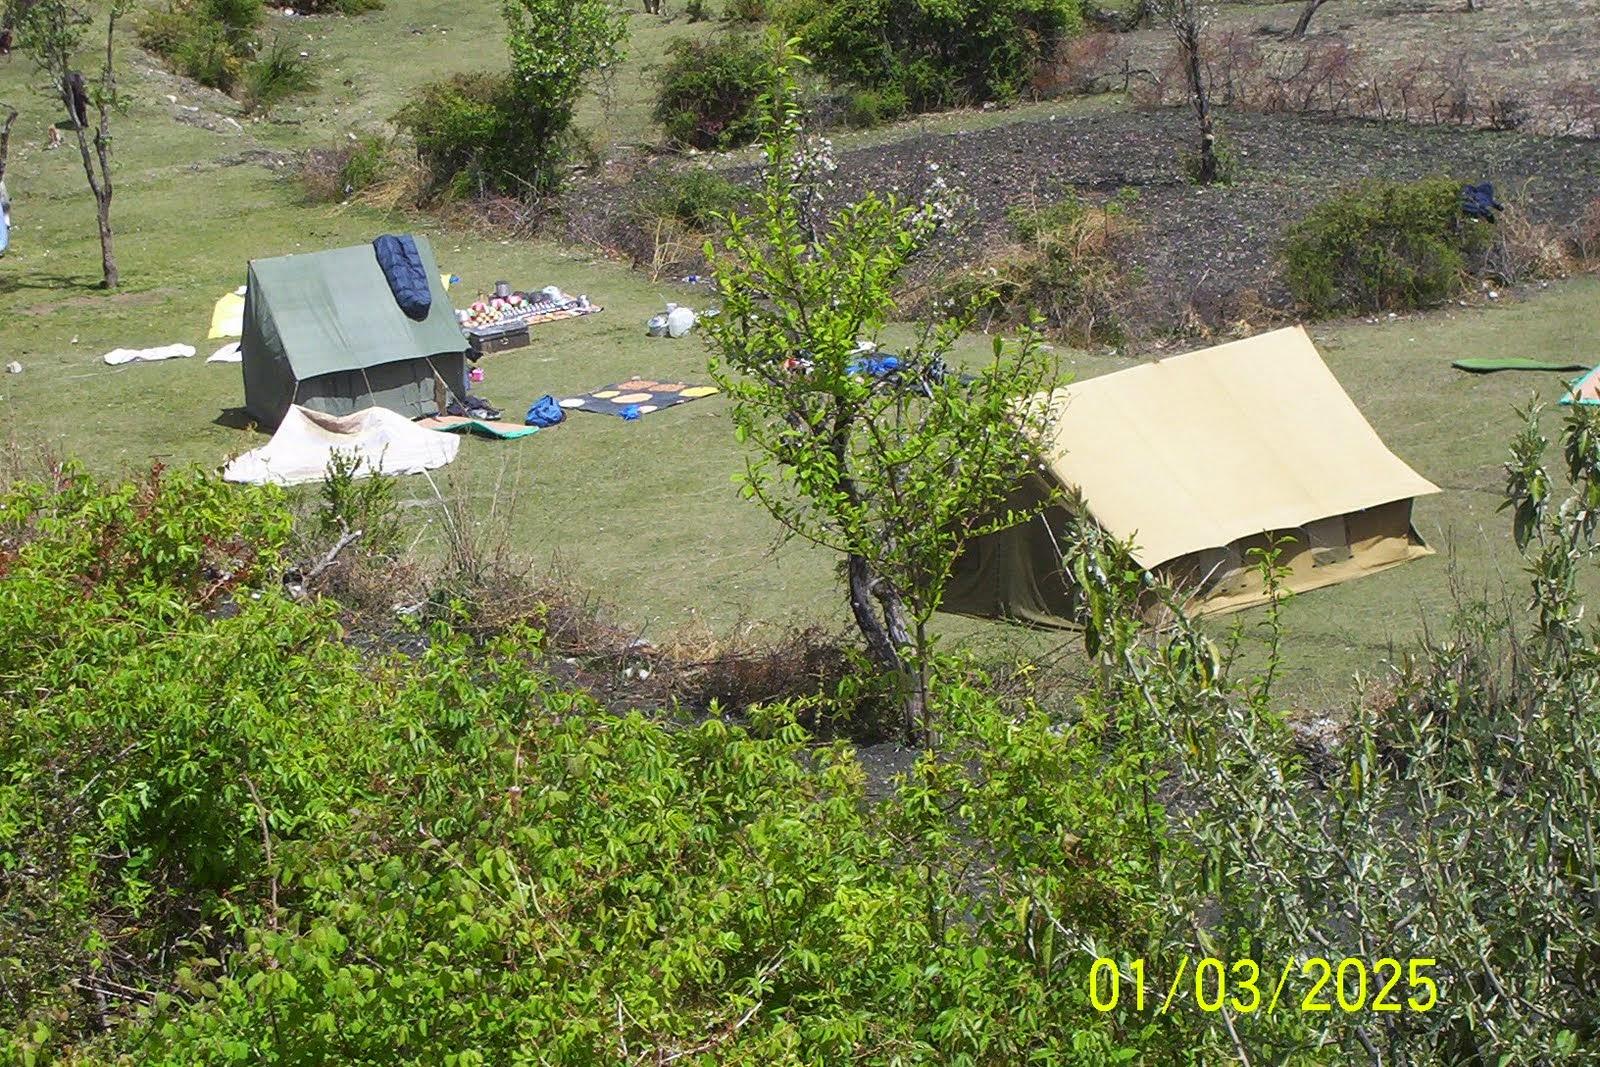 lohajang camping garhwal